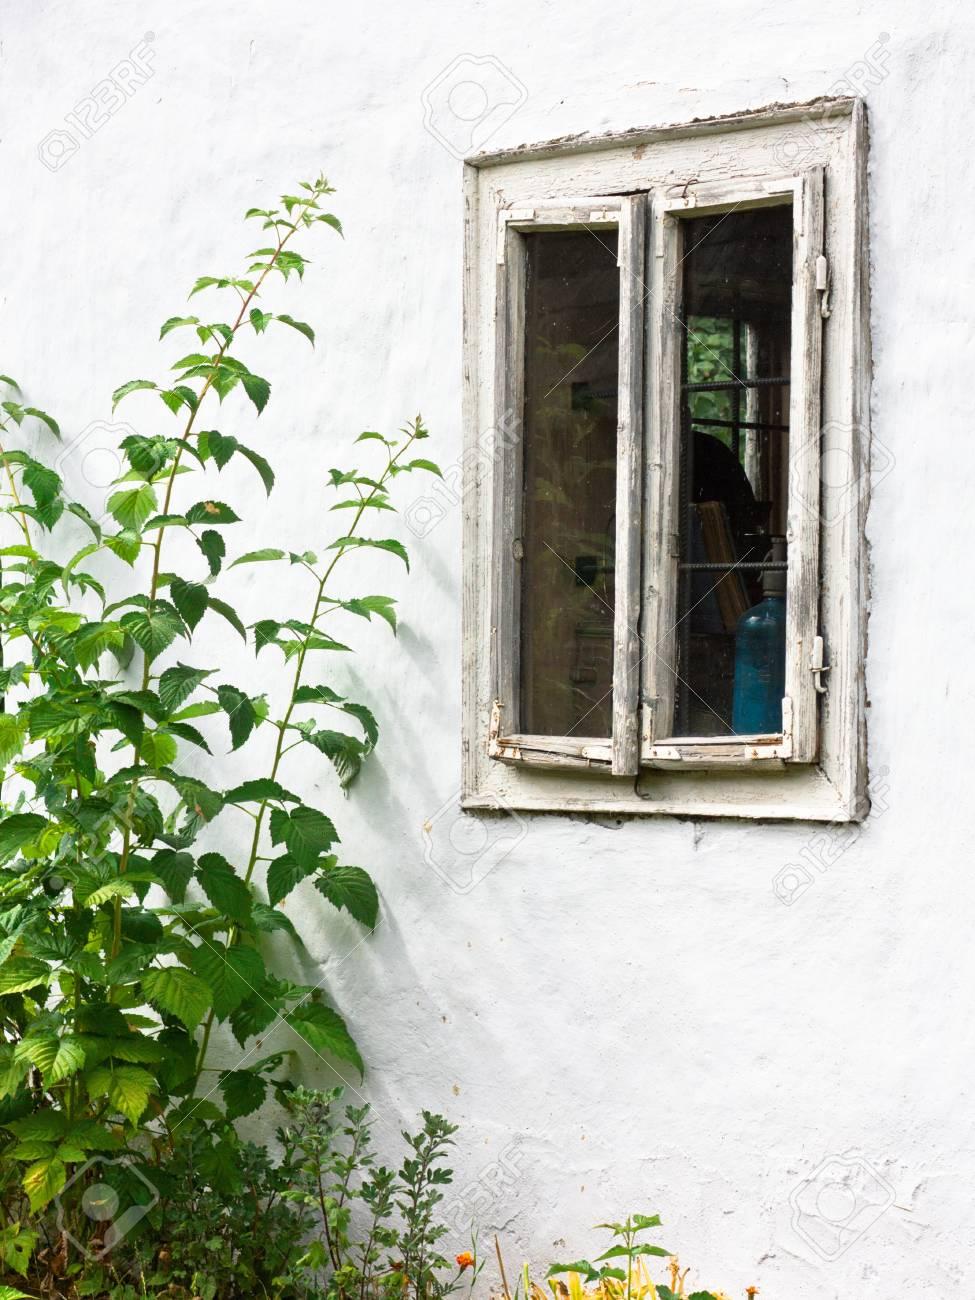 Full Size of Landhaus Fenster Schmutzigen Alten Und Wei Wand Rollos Innen Einbruchschutz Beleuchtung Mit Austauschen Velux Ersatzteile Sofa Polen Sichern Gegen Einbruch Fenster Landhaus Fenster